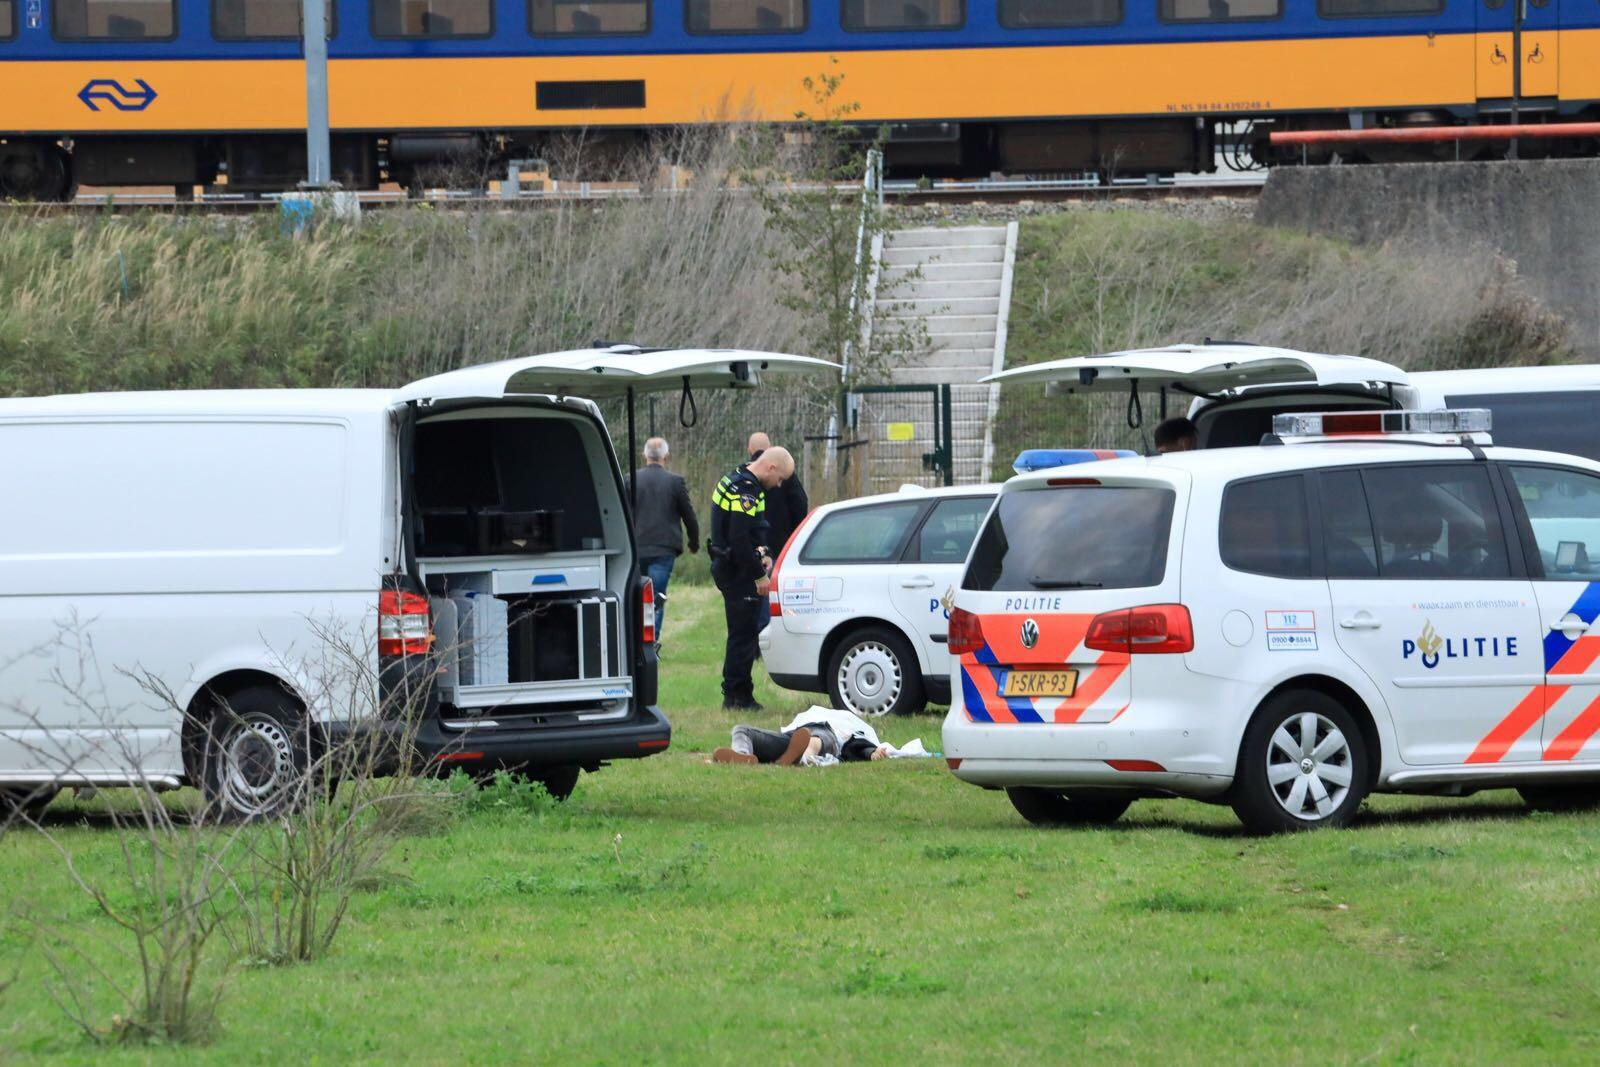 Politie vindt stoffelijk overschot  na schietincident in Almere